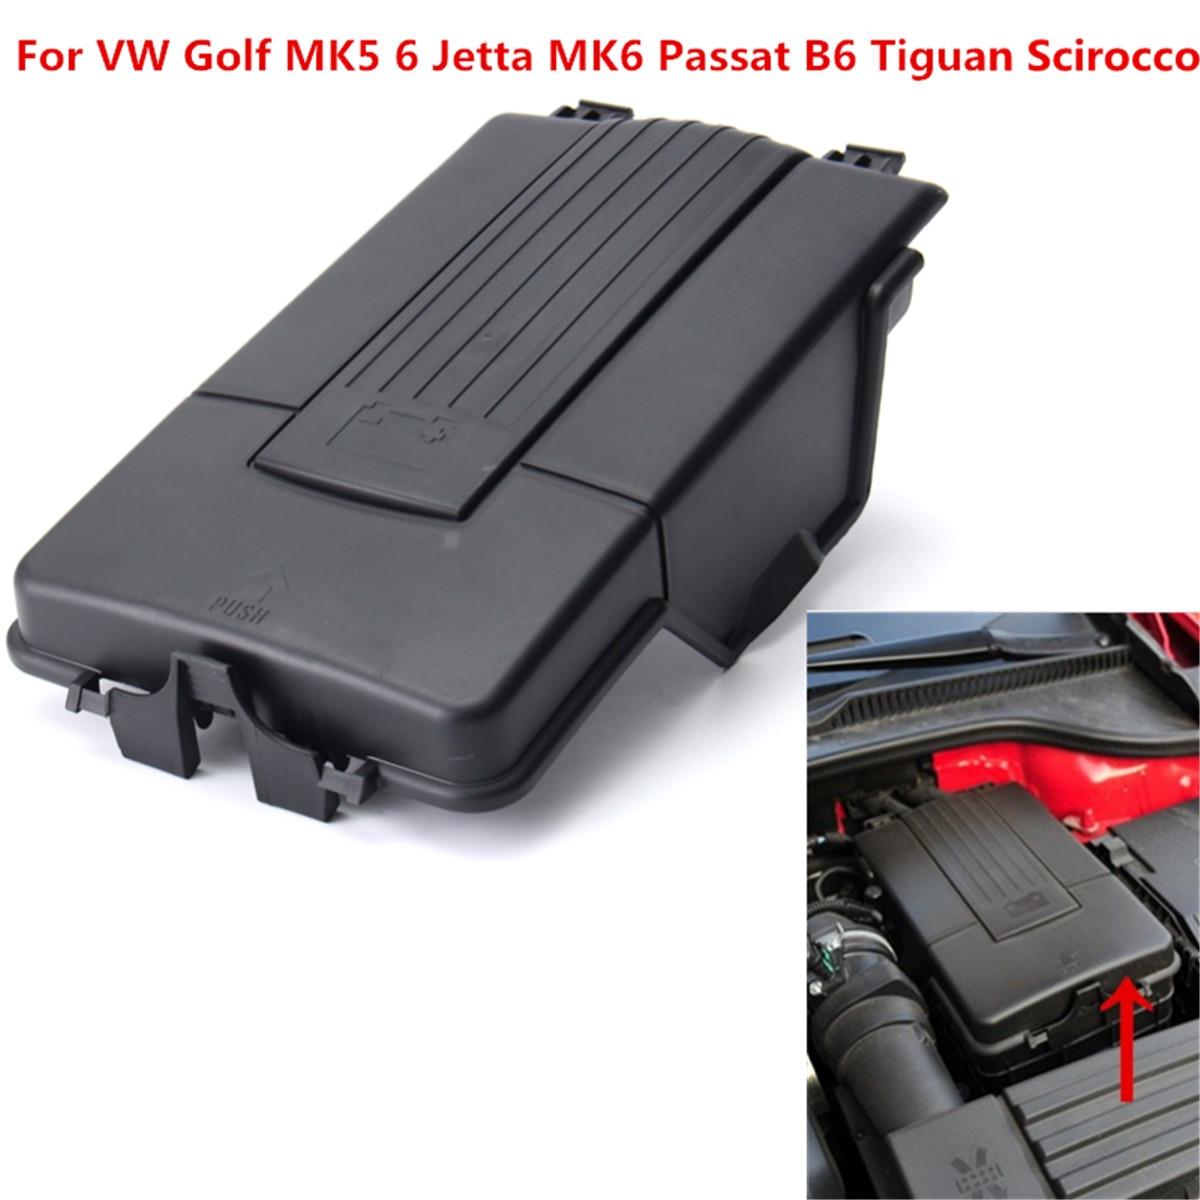 แบตเตอรี่ใหม่ฝาปิดด้านบนถาดเหมาะสำหรับ VW Golf MK5 6 Jetta MK6 Passat B6 Tiguan Scirocco พลาสติก 1K0 915 443